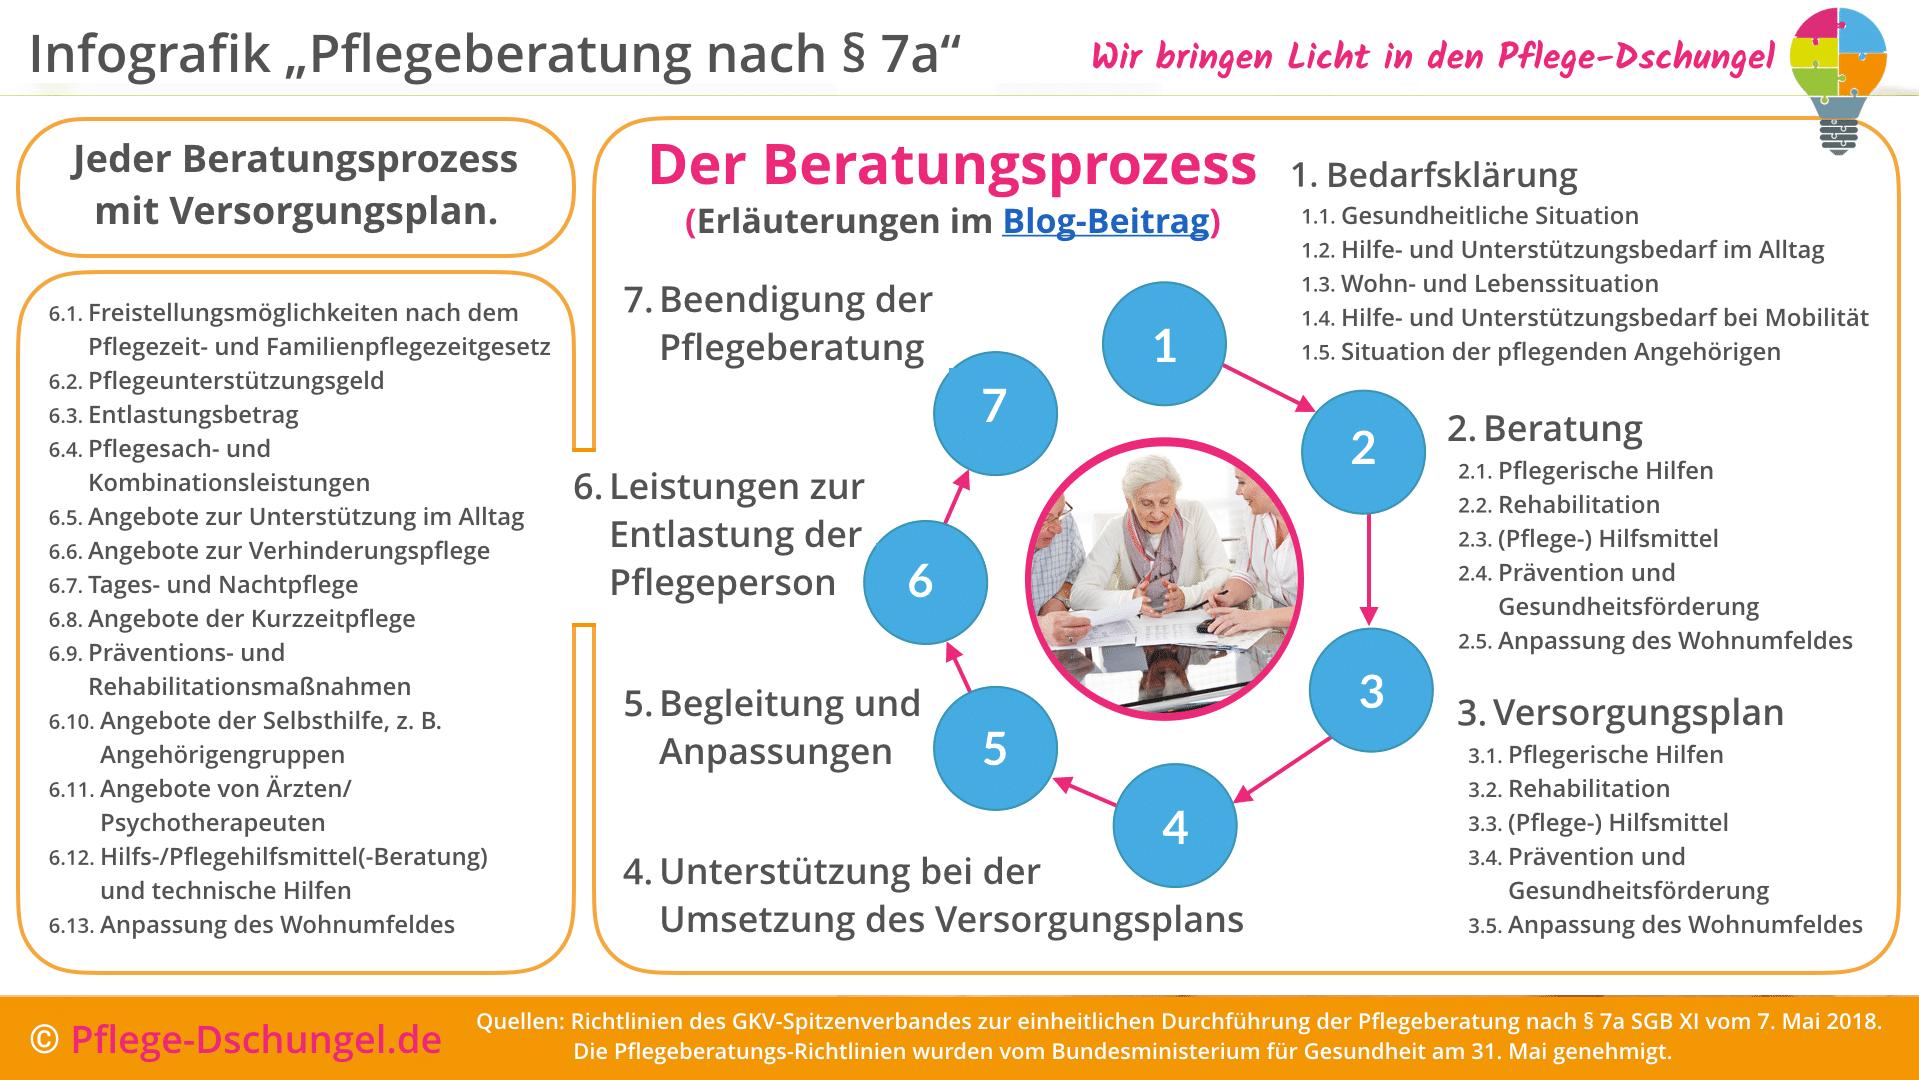 infografik ber die neuen richtlinien zur pflegeberatung nach 7a sgb xi - Beratungsgesprach Pflege Beispiel